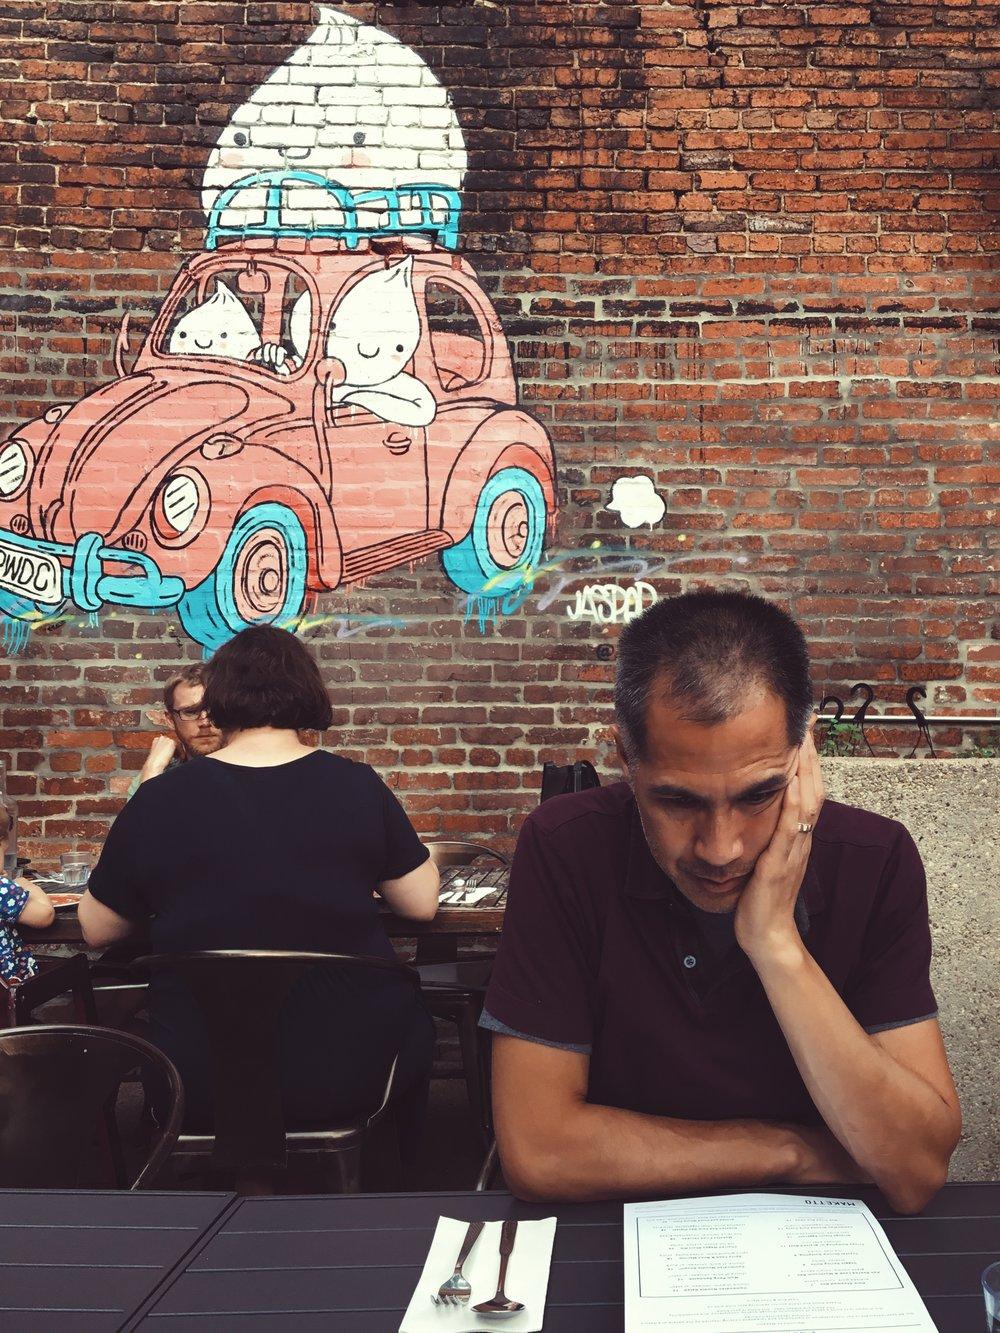 Dumpling mural